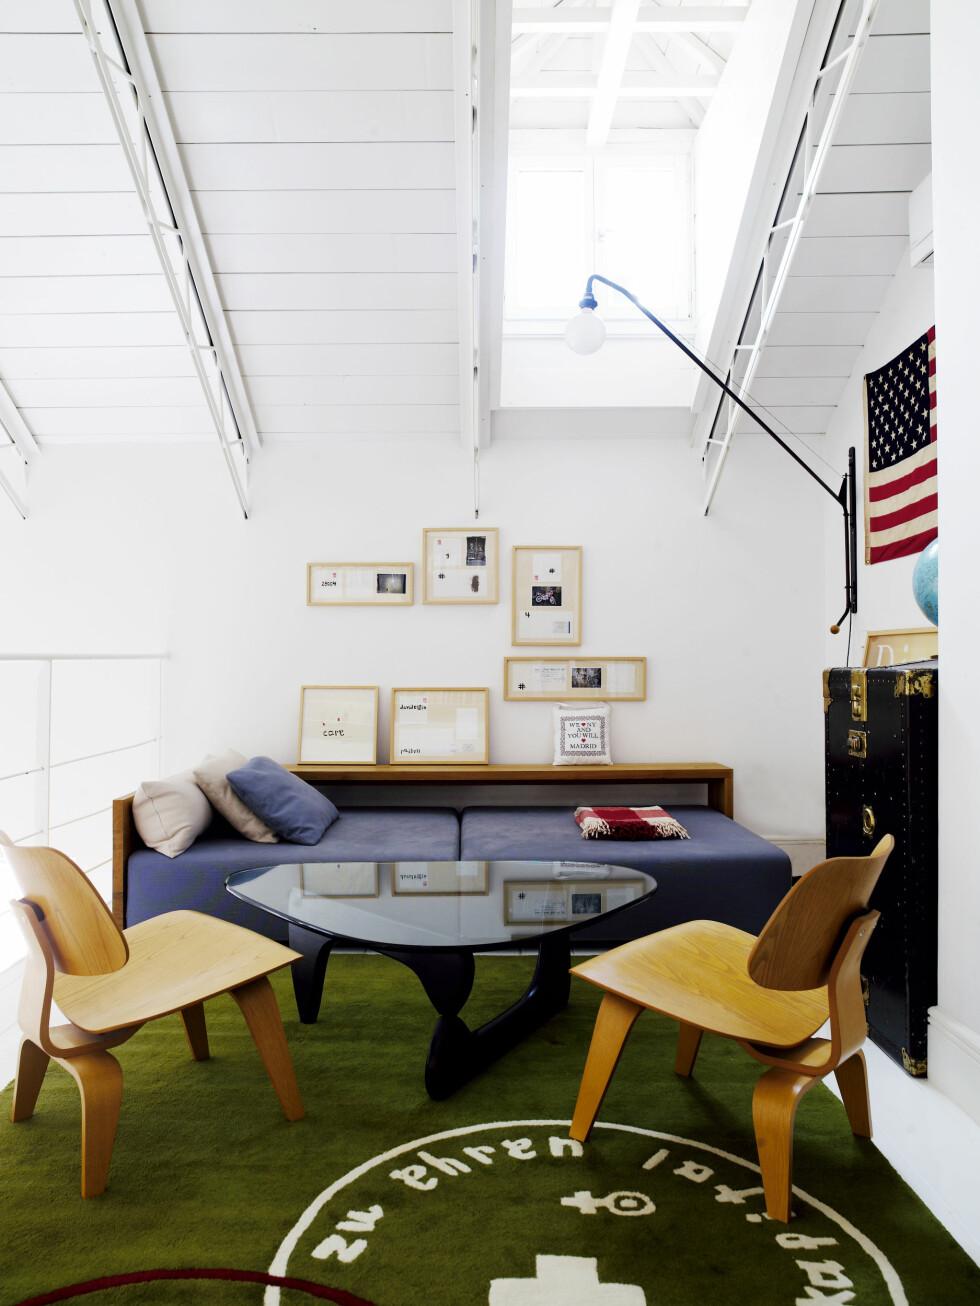 David Elfin har designet gulvteppet på messaninen, det heter Stamp. Sofabordet er fra Noguchi, stolene fra Eames. Dagsengen er fra E15.com. Kunst av David Elfin. Foto: Richard Powers/IDECOR images